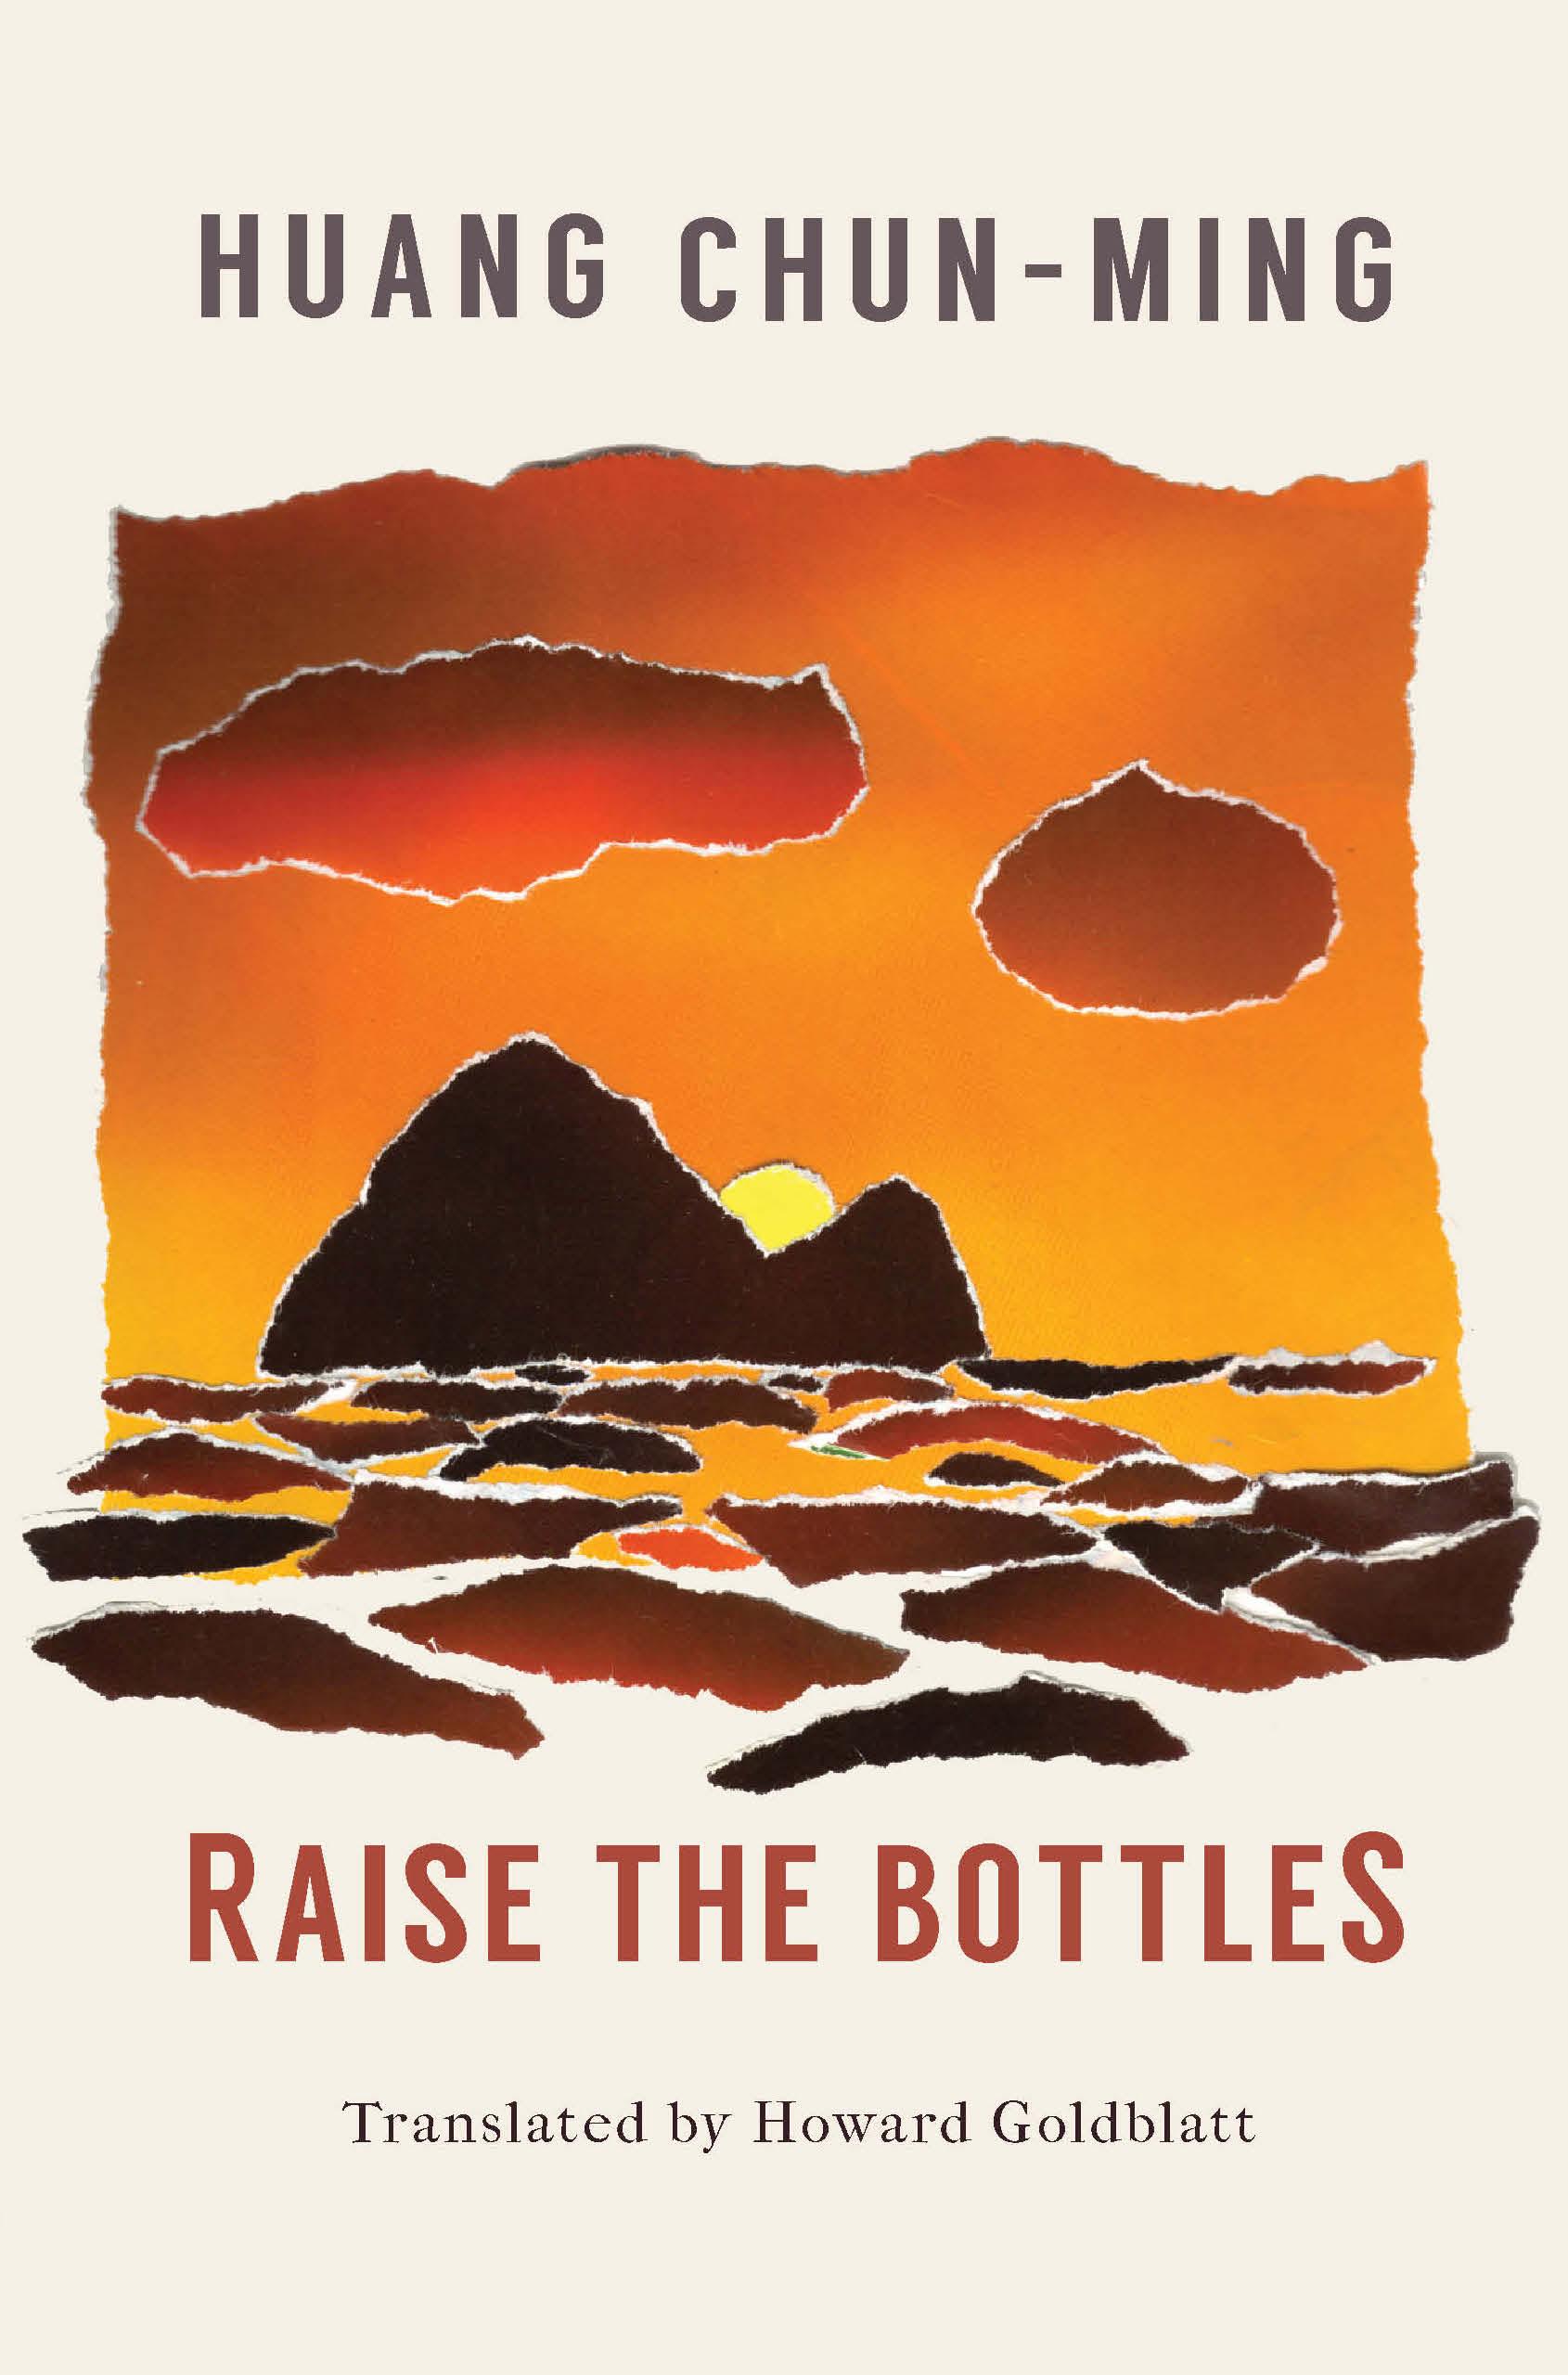 Raise the Bottles